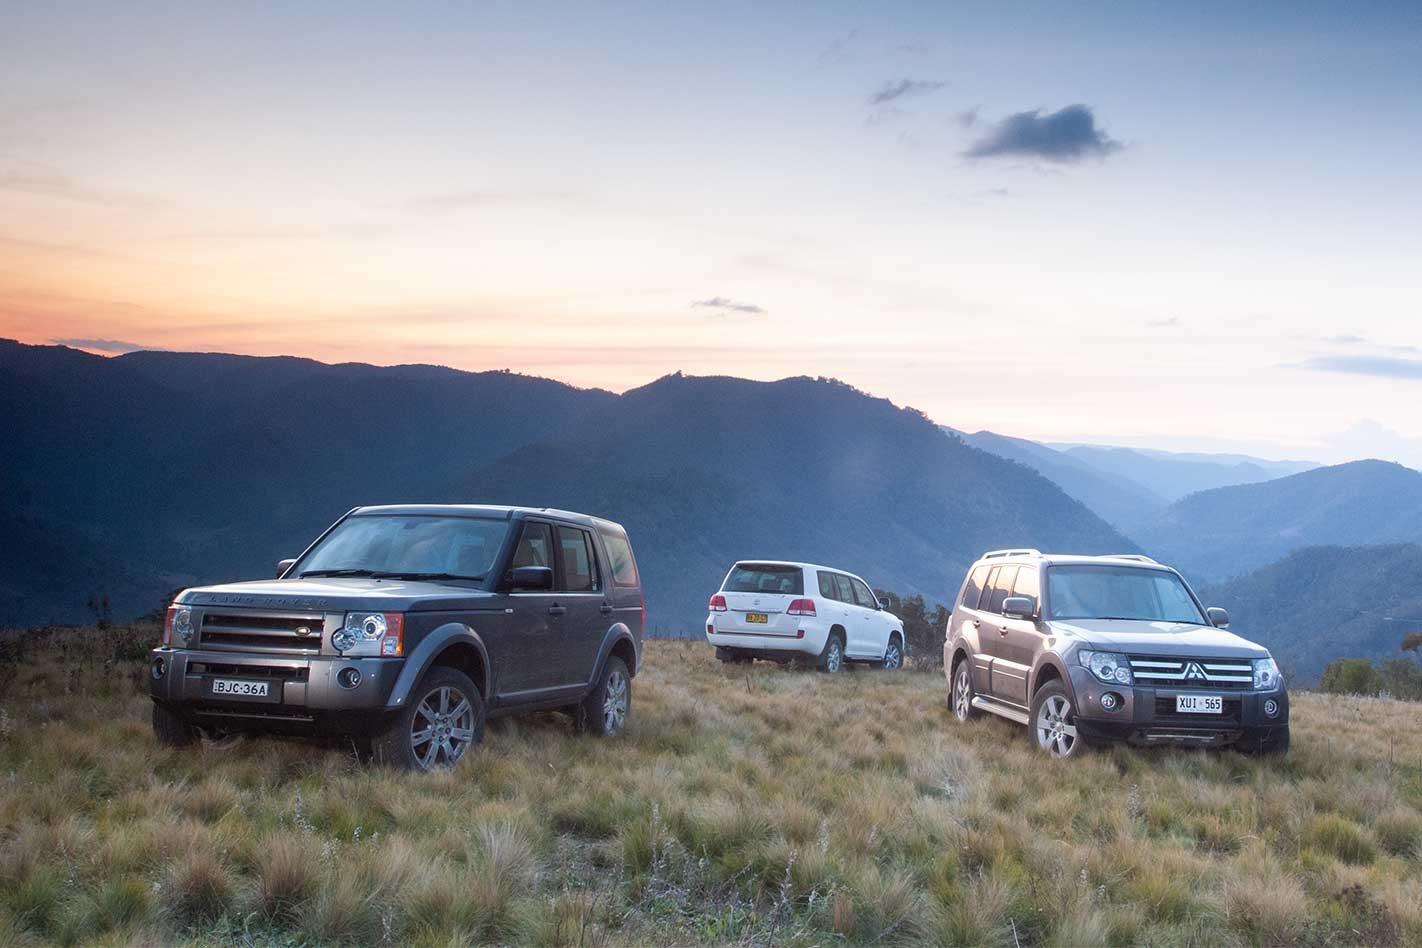 best cheap fa262 672d8 2009 Land Rover Discovery 3 vs Toyota LandCruiser 200 vs Mitsubishi Pajero  4x4 comparison review